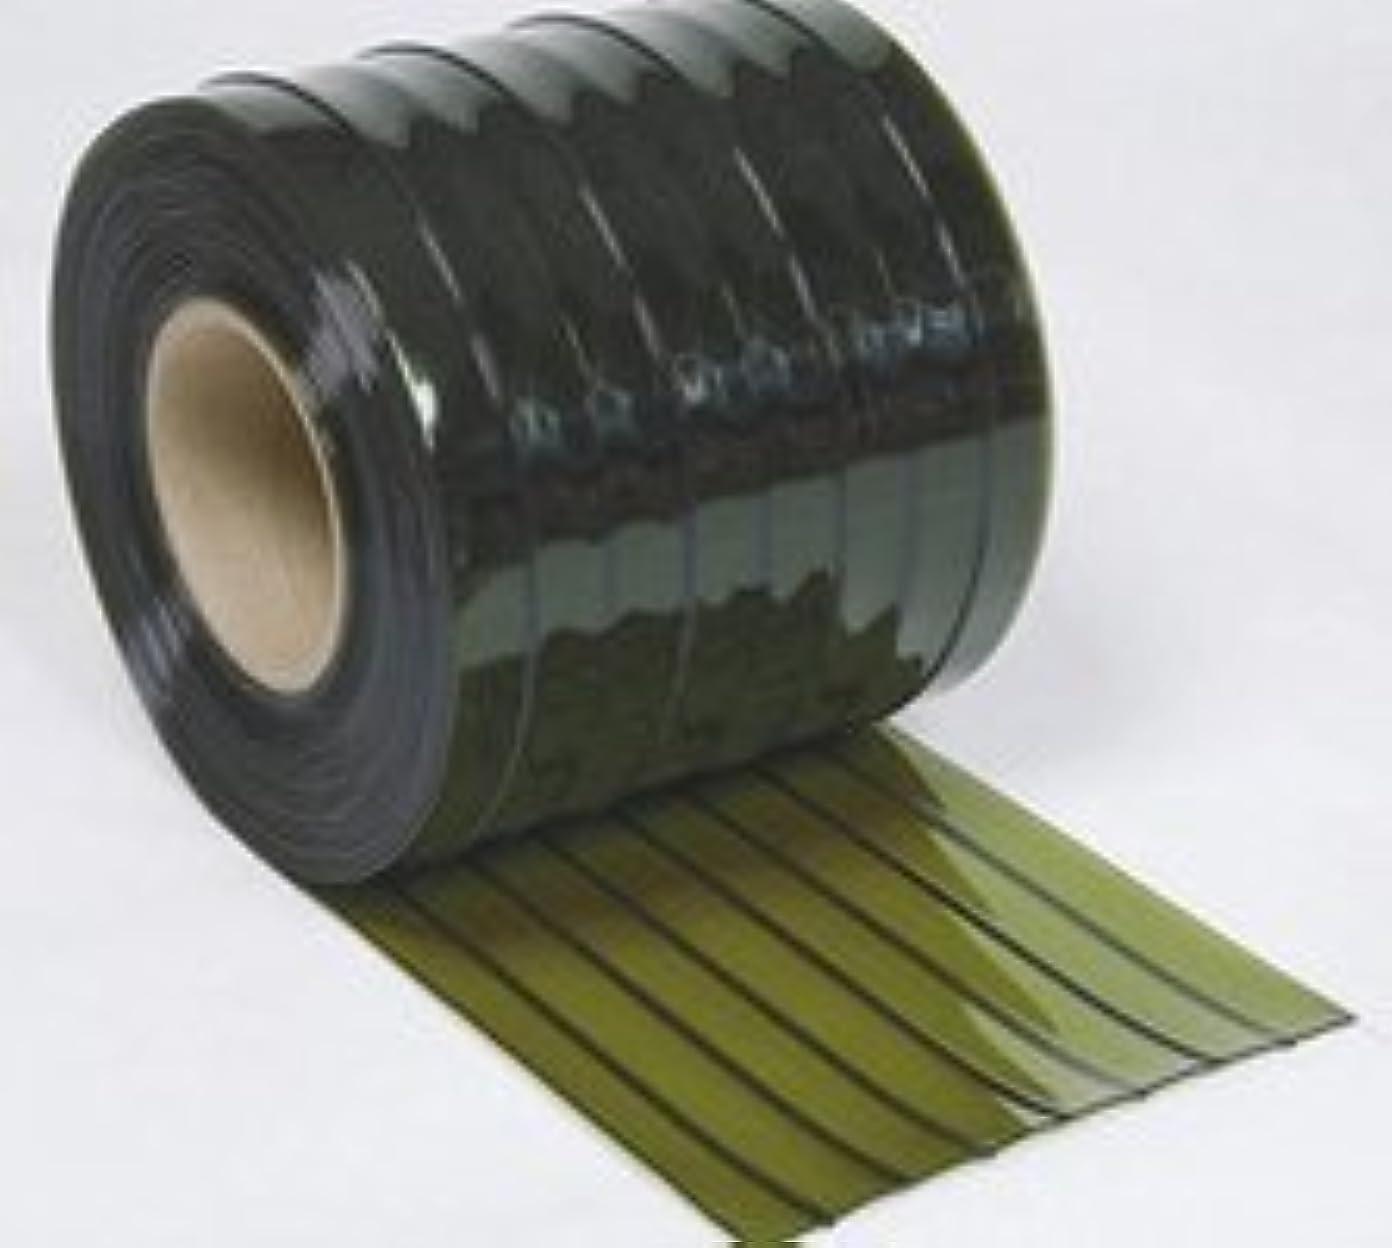 櫛ティッシュ仮装防虫ビニールカーテン(のれん式) オプトロン 緑 (リブ付) 厚み3mm×幅300mm×長さ30M巻 1巻